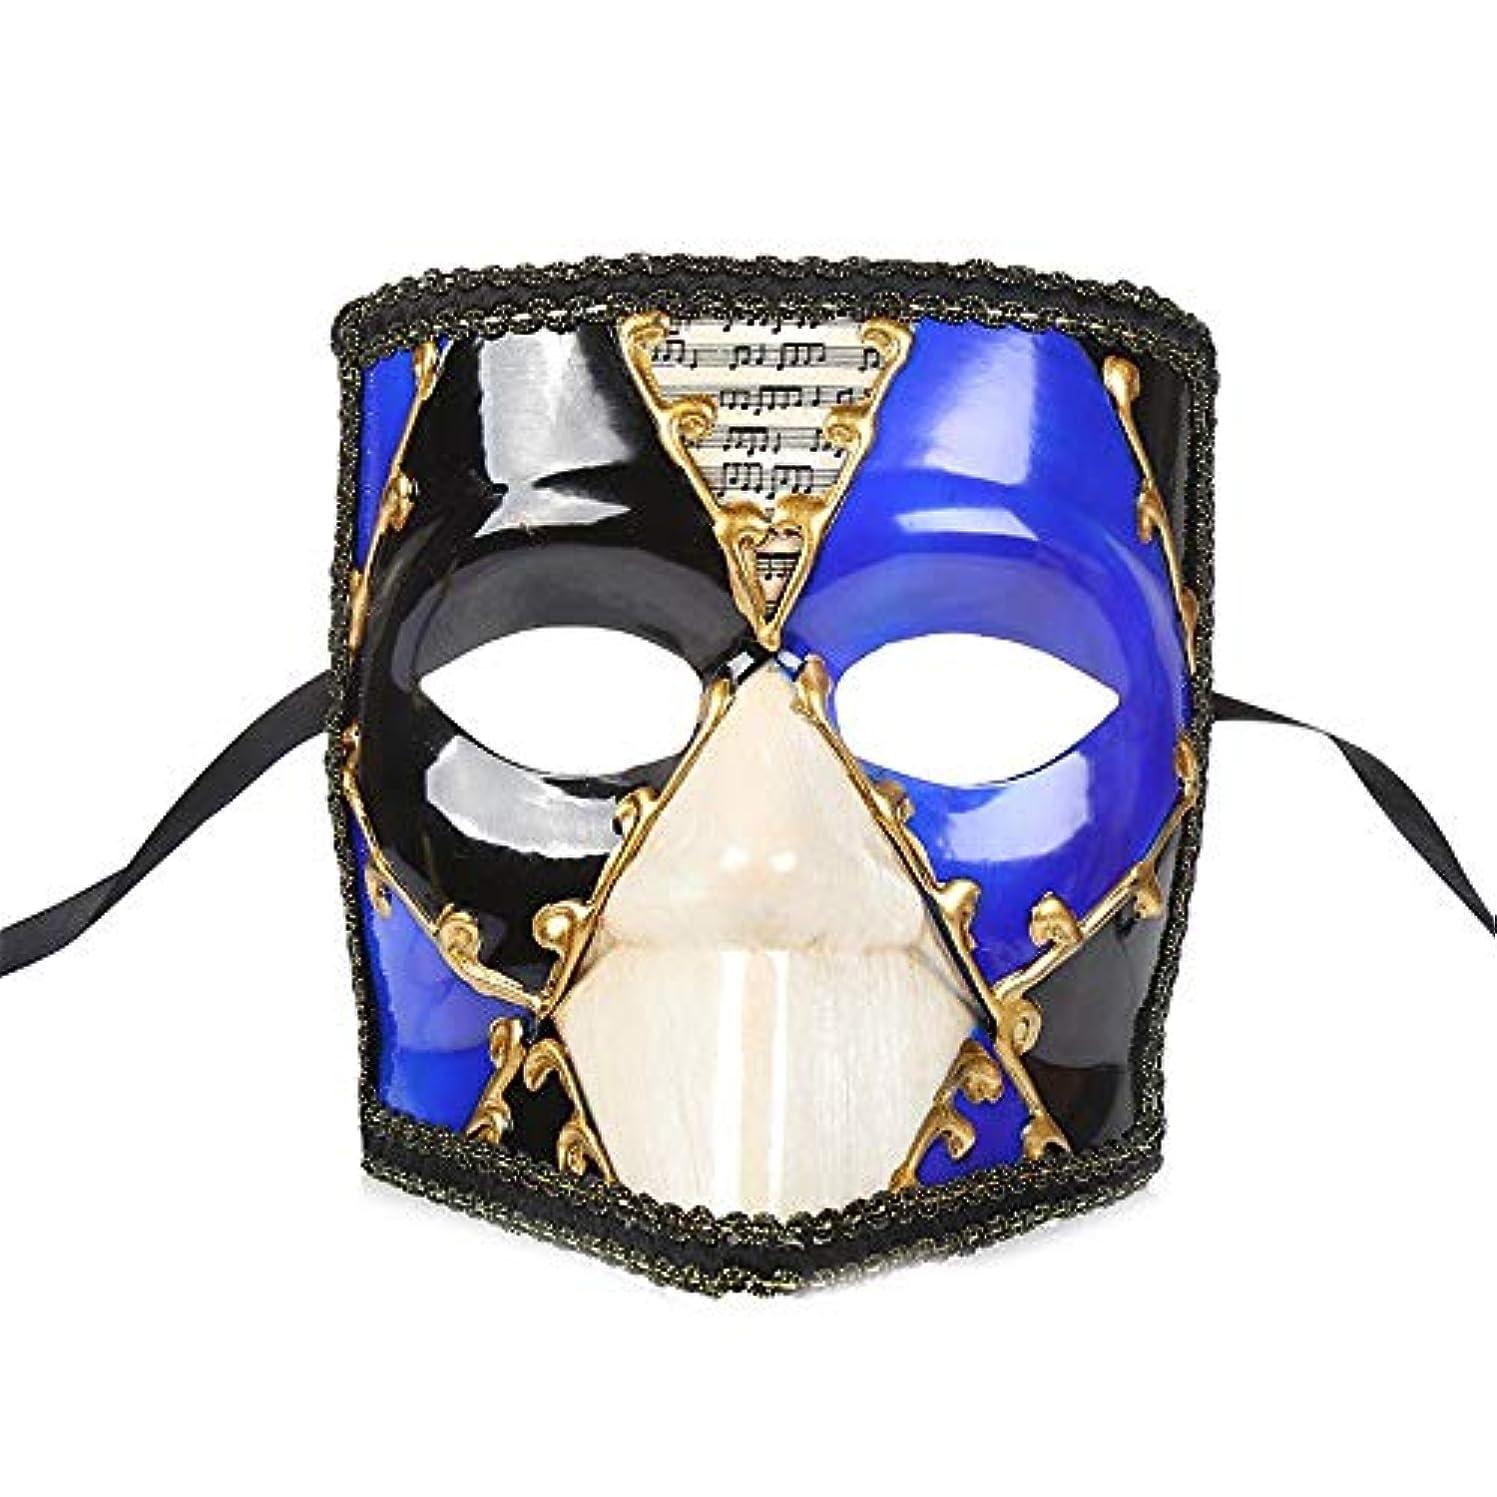 受け継ぐ可動ハムダンスマスク ピエロマスクヴィンテージマスカレードショーデコレーションコスプレナイトクラブプラスチック厚いマスク ホリデーパーティー用品 (色 : 青, サイズ : 18x15cm)